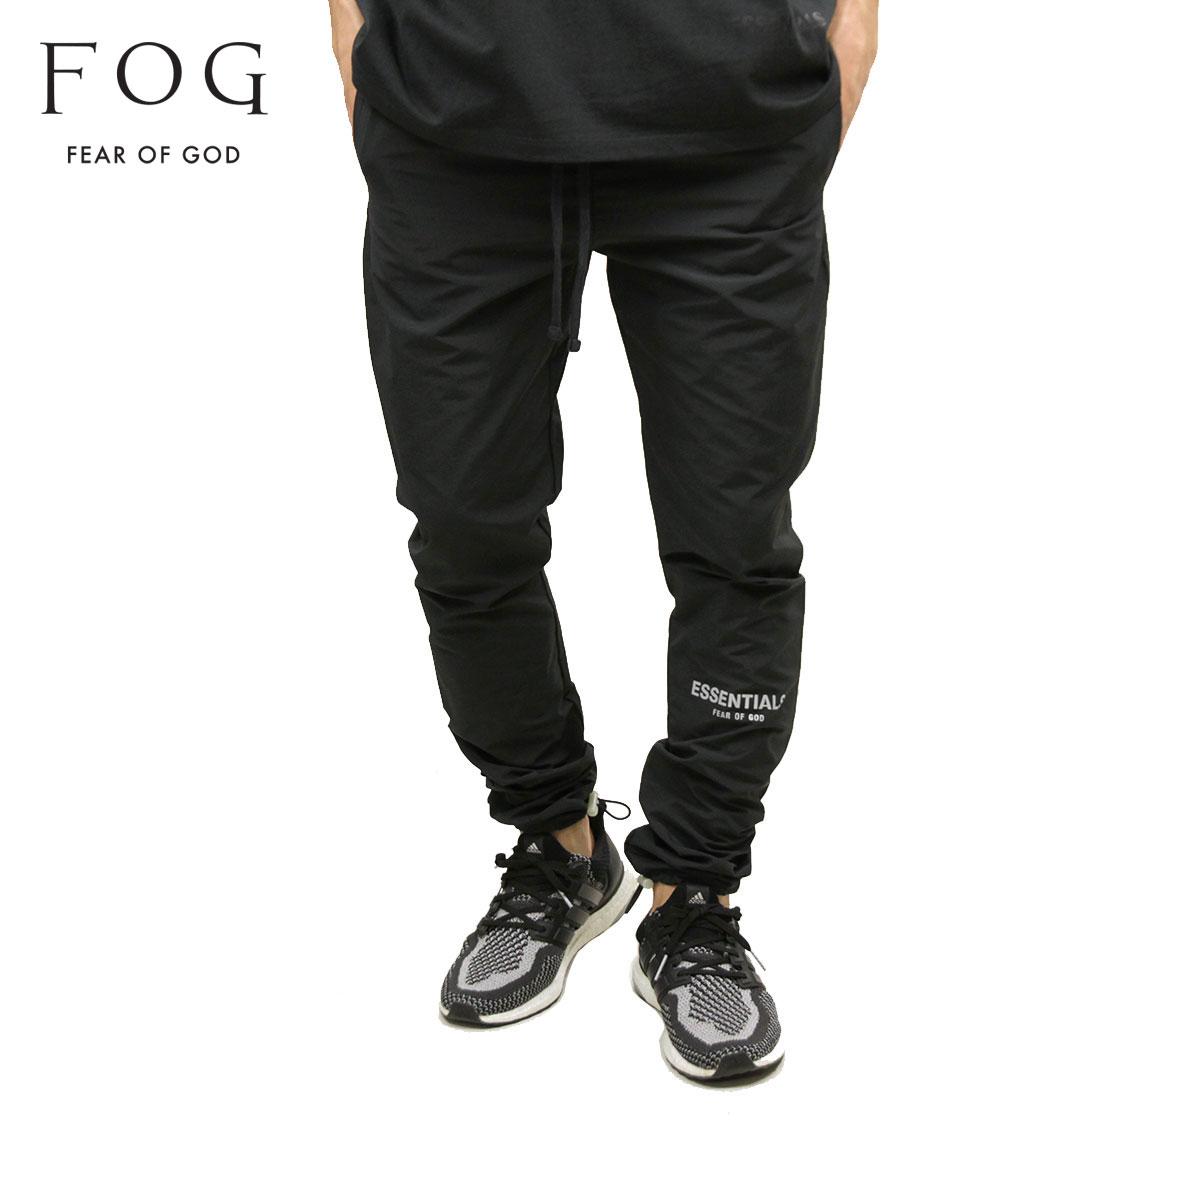 メンズファッション, ズボン・パンツ  FEAR OF GOD FOG - FEAR OF GOD ESSENTIALS NYLON TRACK PANTS BLACK